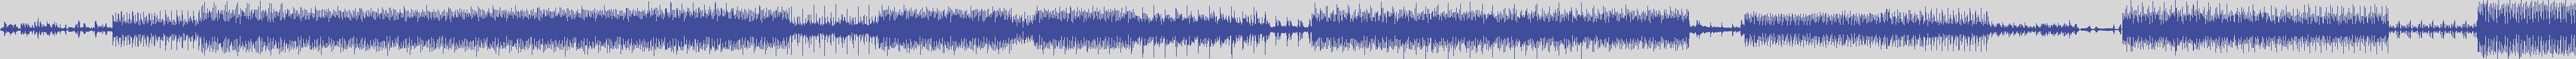 hitaly_muzik [smile1057] Mod-on - Santiago En Brazil [Extended Mix] audio wave form